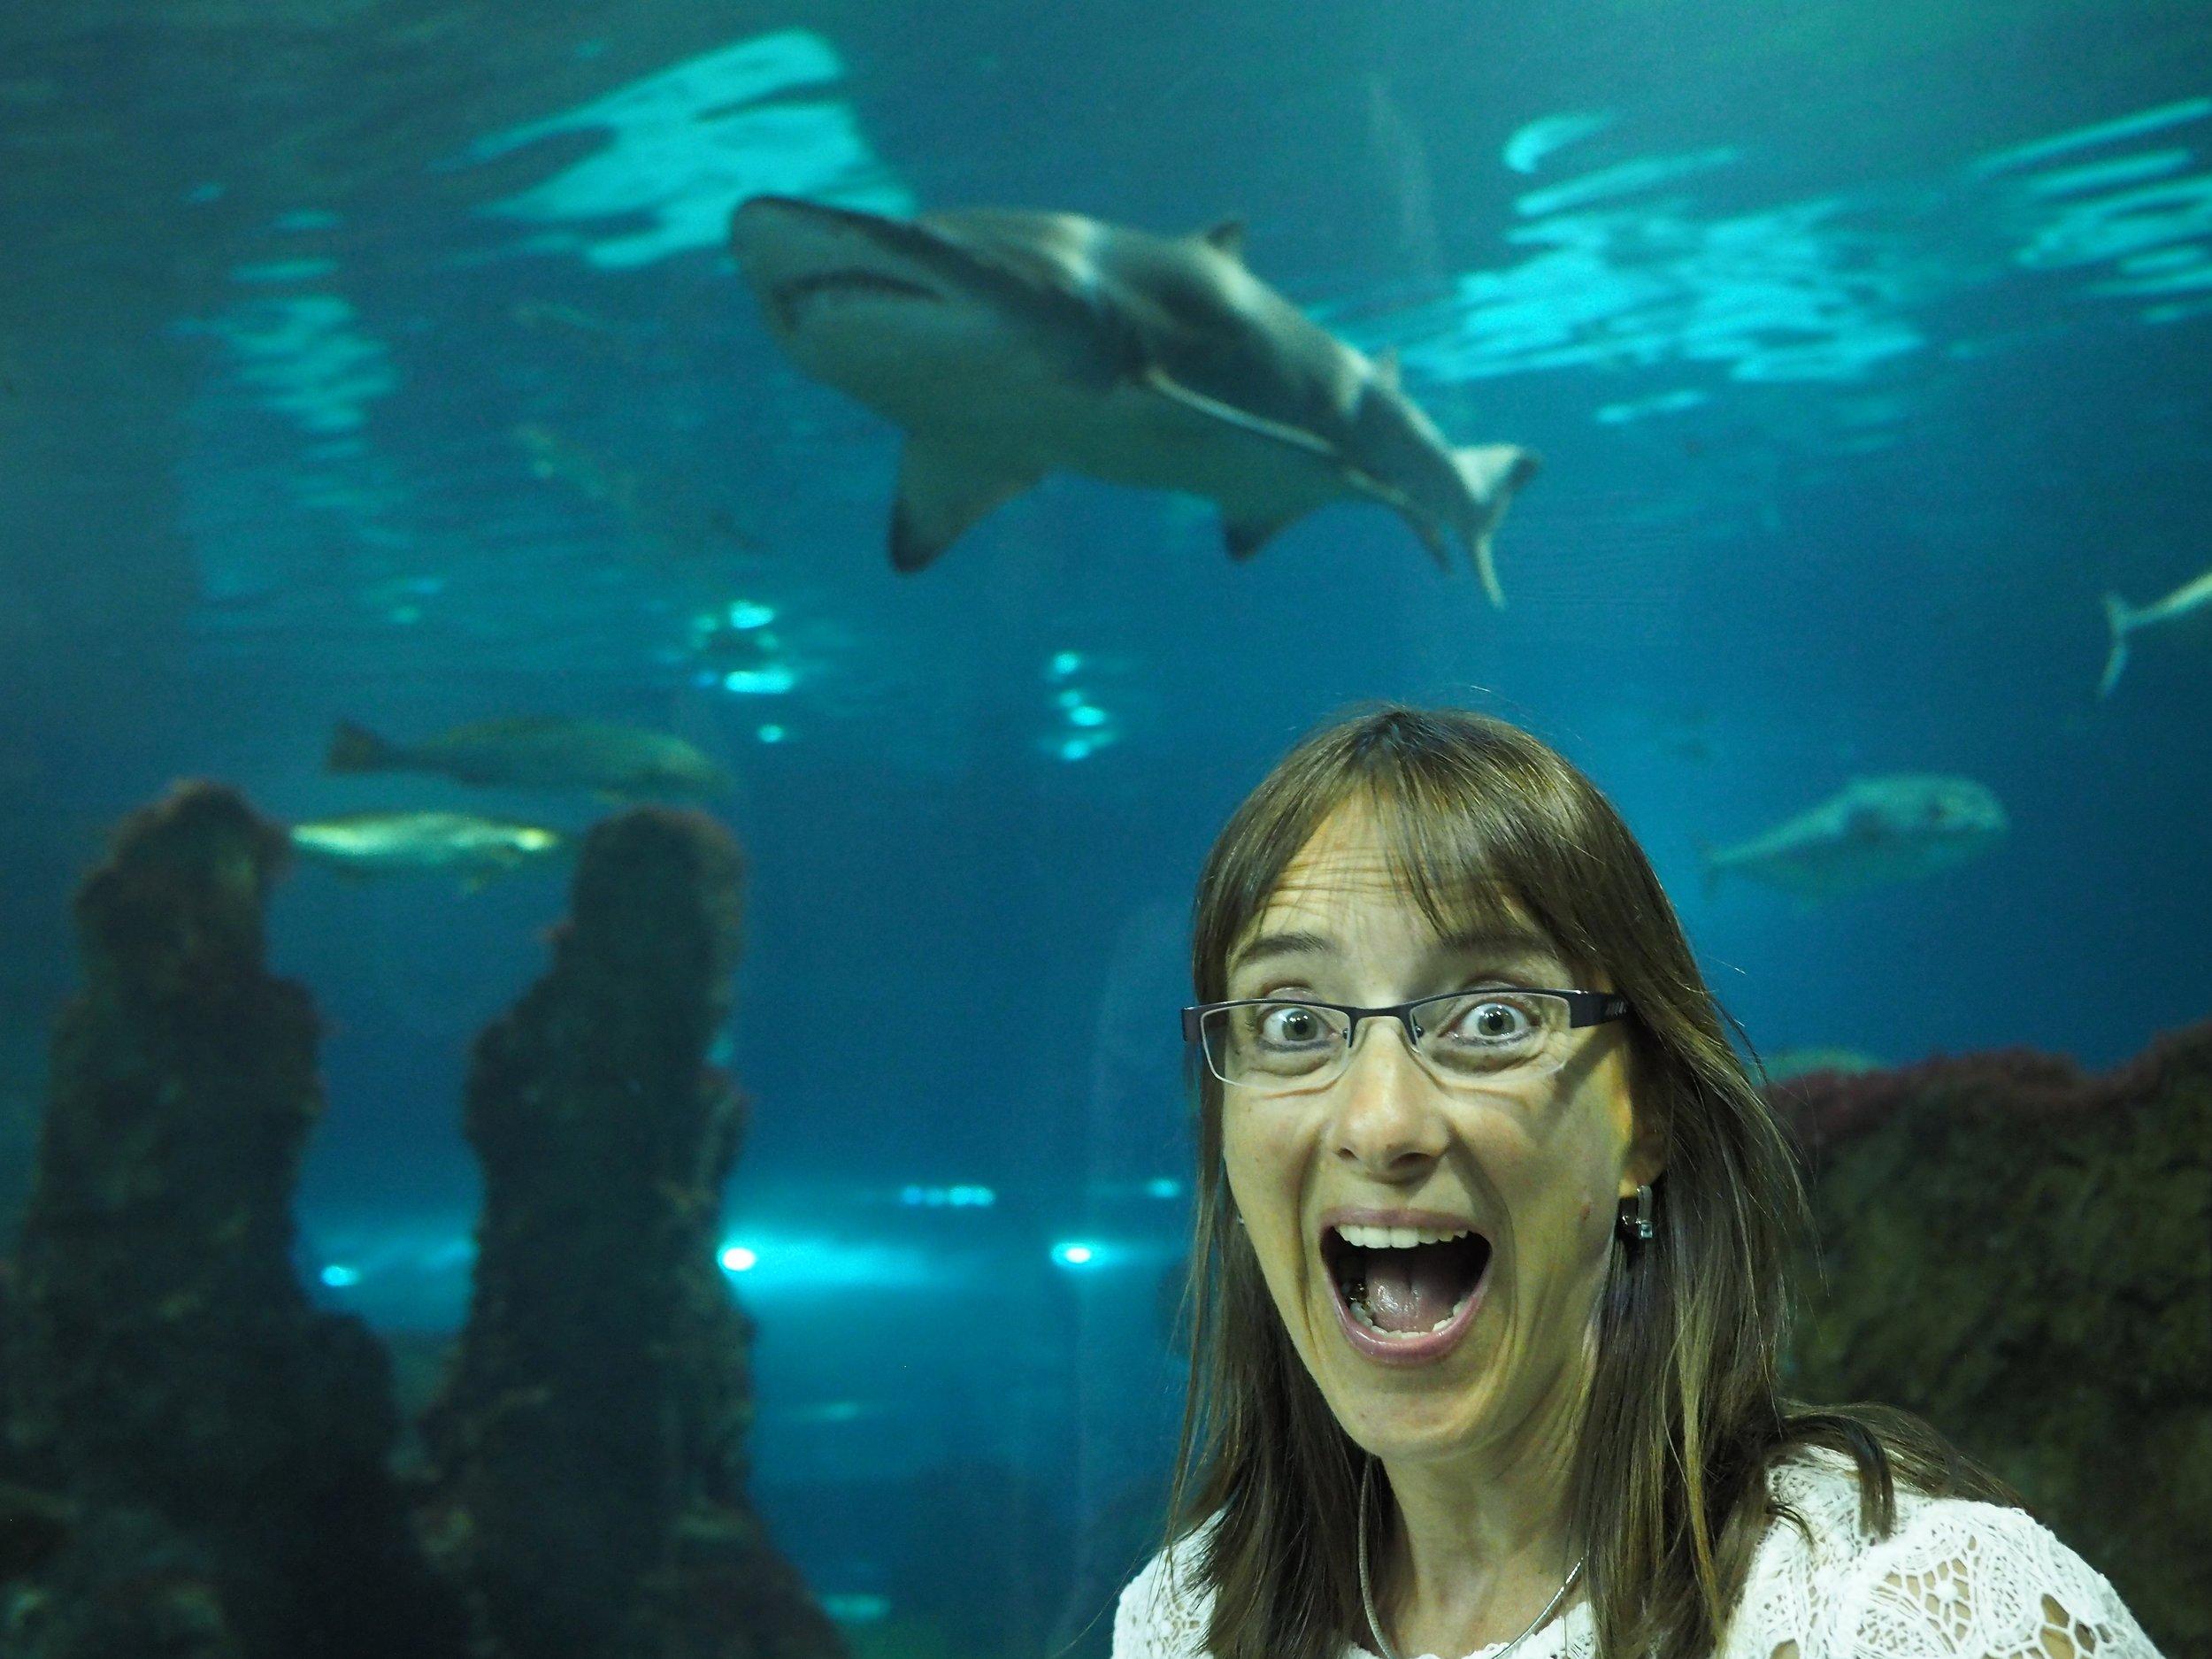 Und hier ein Beweisfoto, dass auch ich meine verrückten Fotomomente habe...